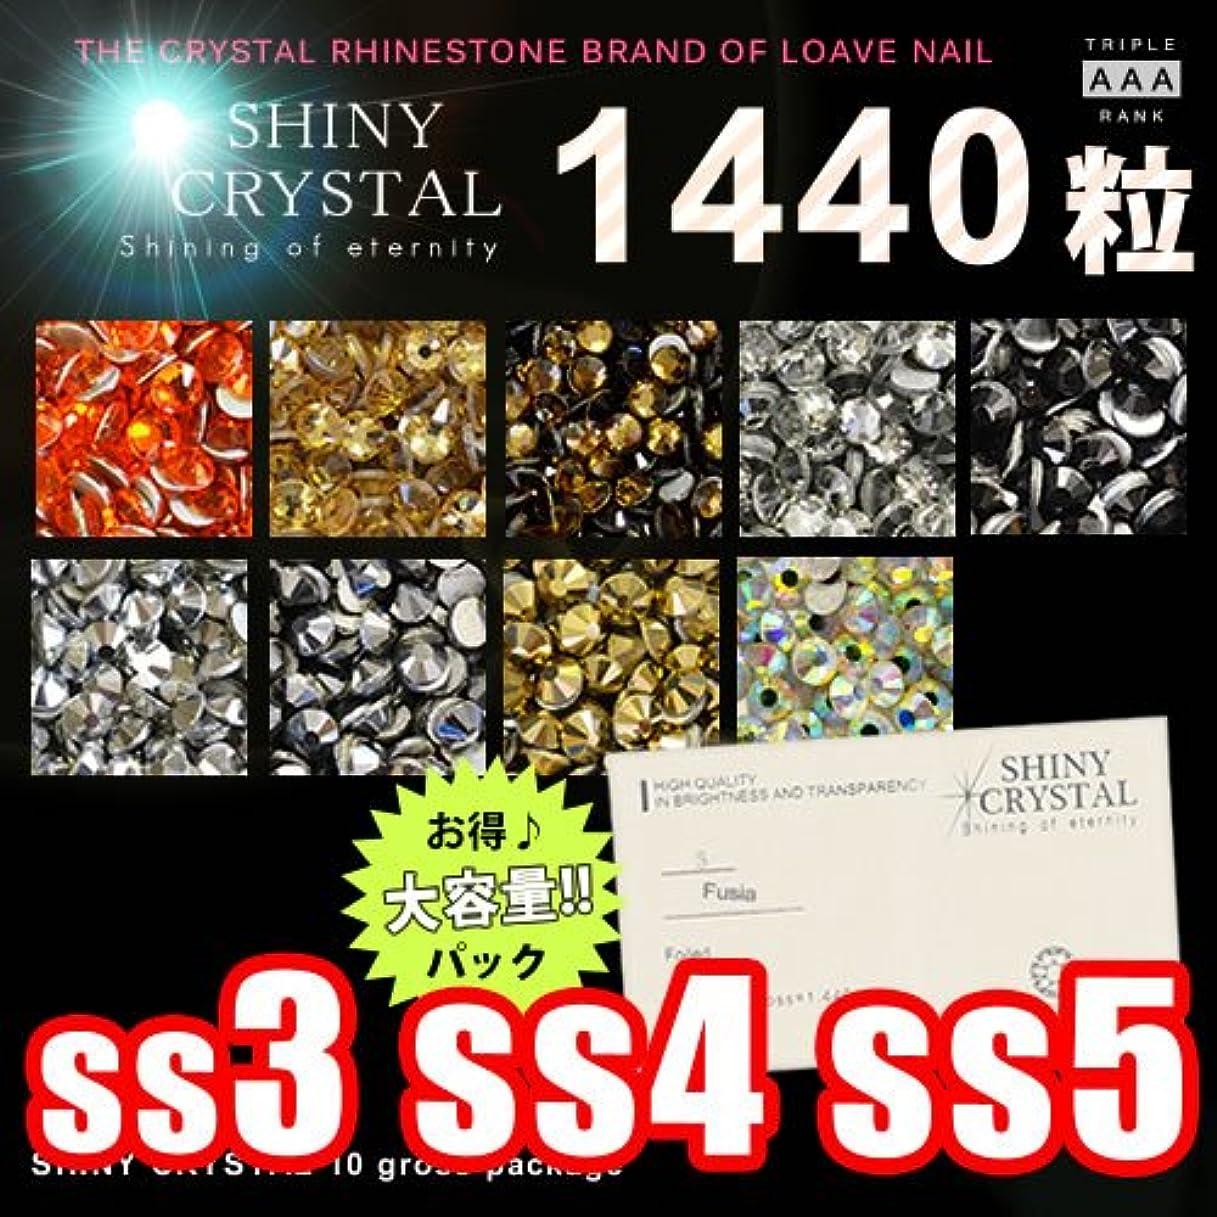 チャーミング石灰岩肥沃なシャイニークリスタル(SHINY CRYSTAL)「 23、スモークブラウン 」「ss4」【1440粒/グロスパッケージ】